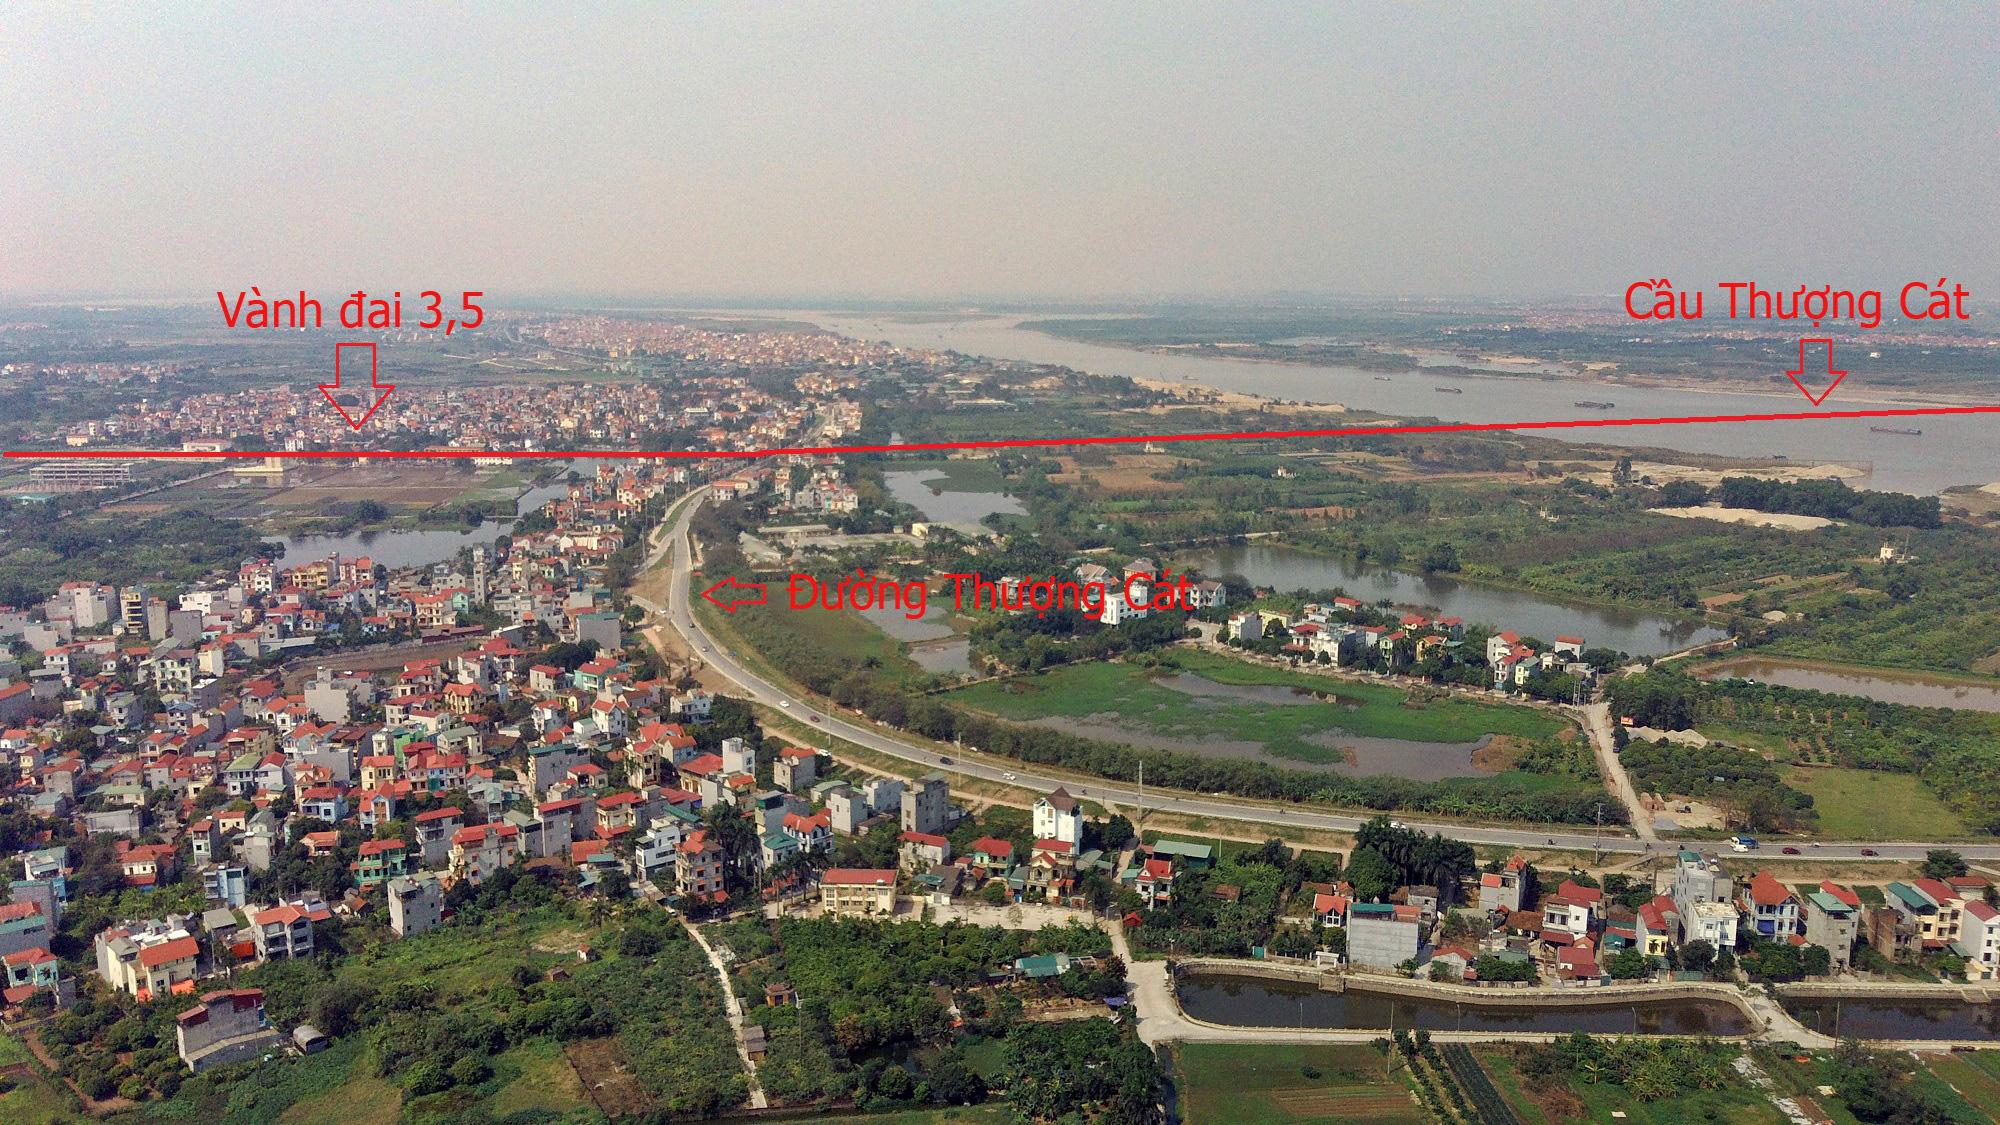 Cầu sẽ mở theo qui hoạch ở Hà Nội: Toàn cảnh cầu Thượng Cát nối Bắc Từ Liêm với Đông Anh - Ảnh 3.